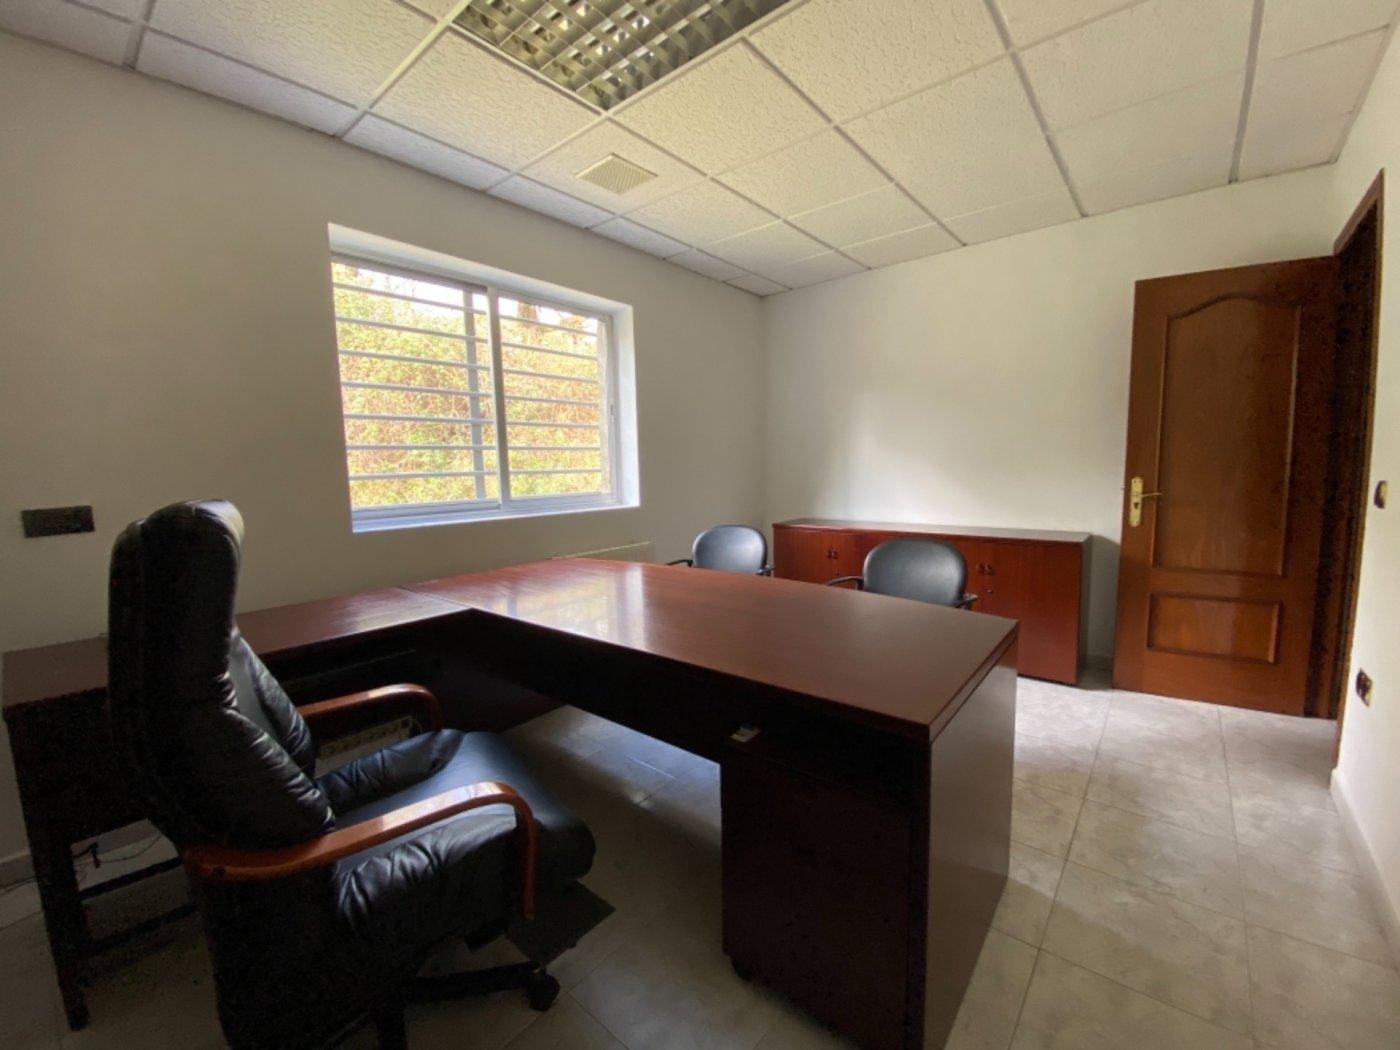 Nave con terreno y oficinas en falmuria - imagenInmueble13